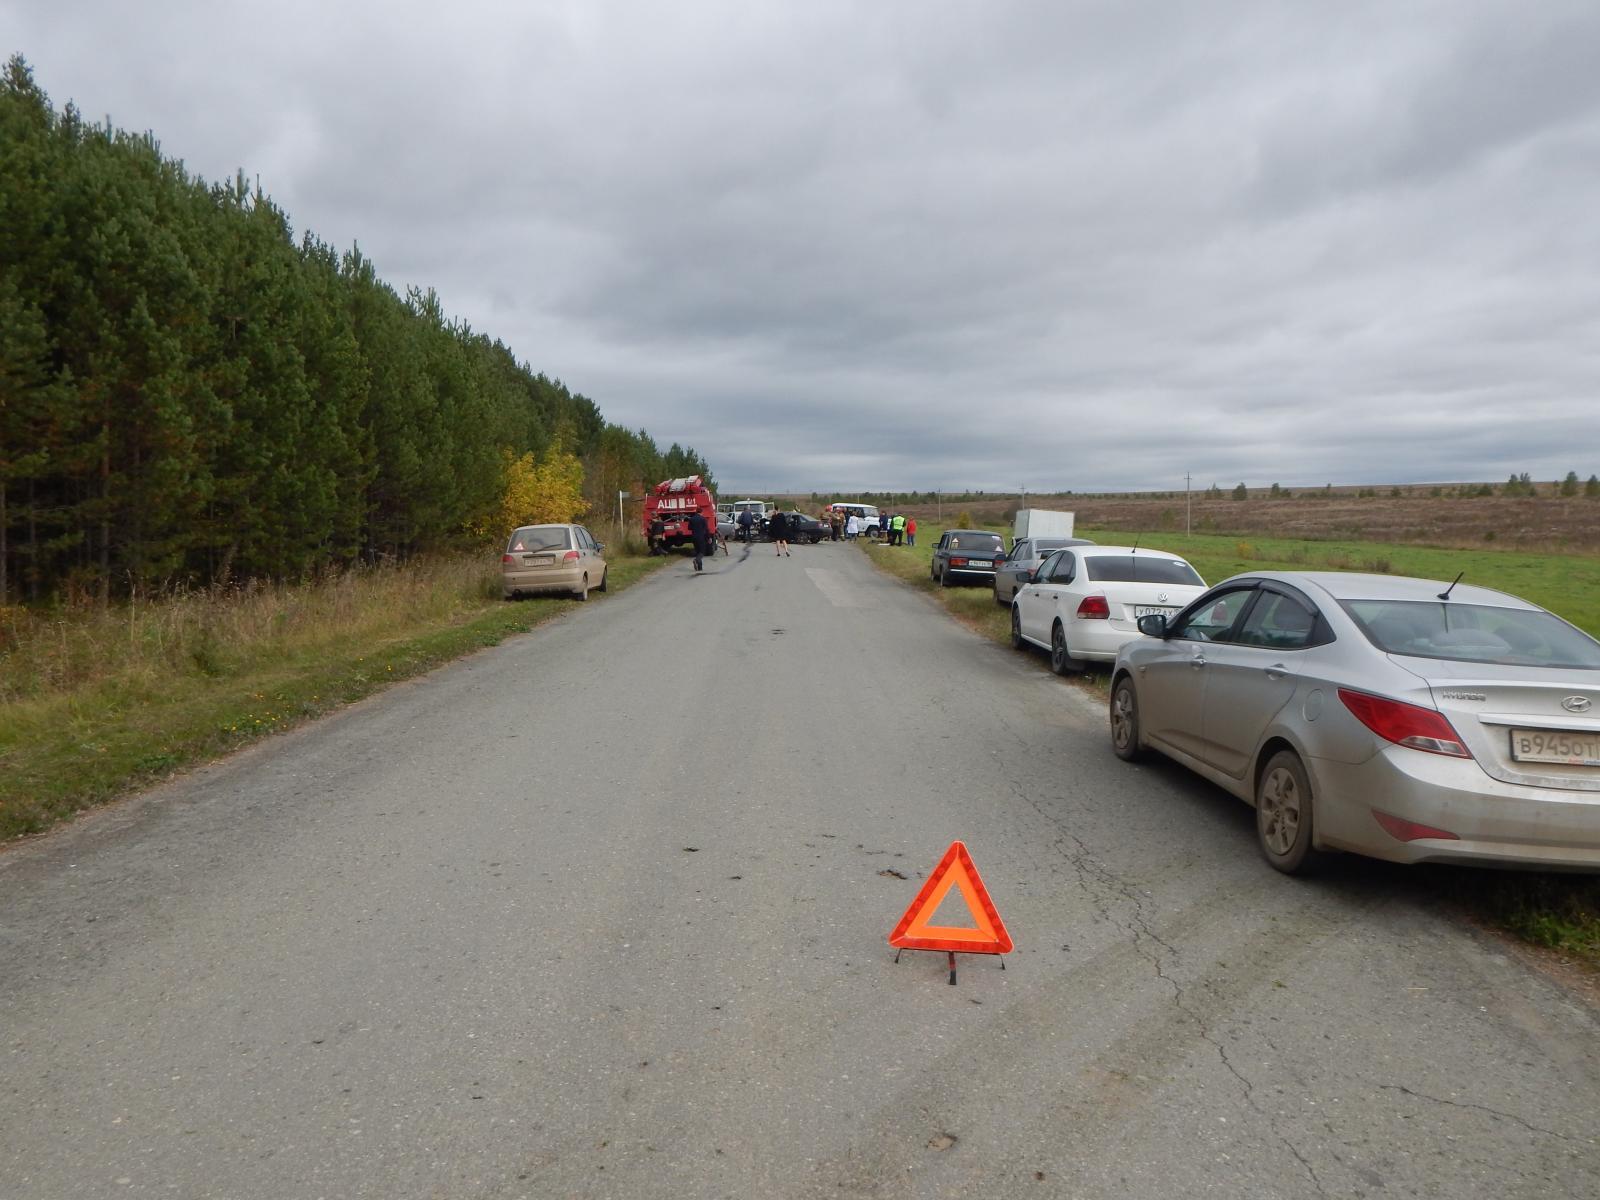 Влобовом ДТП науральской трассе погибли два человека— Пострадавших вызволяли cотрудники экстренных служб